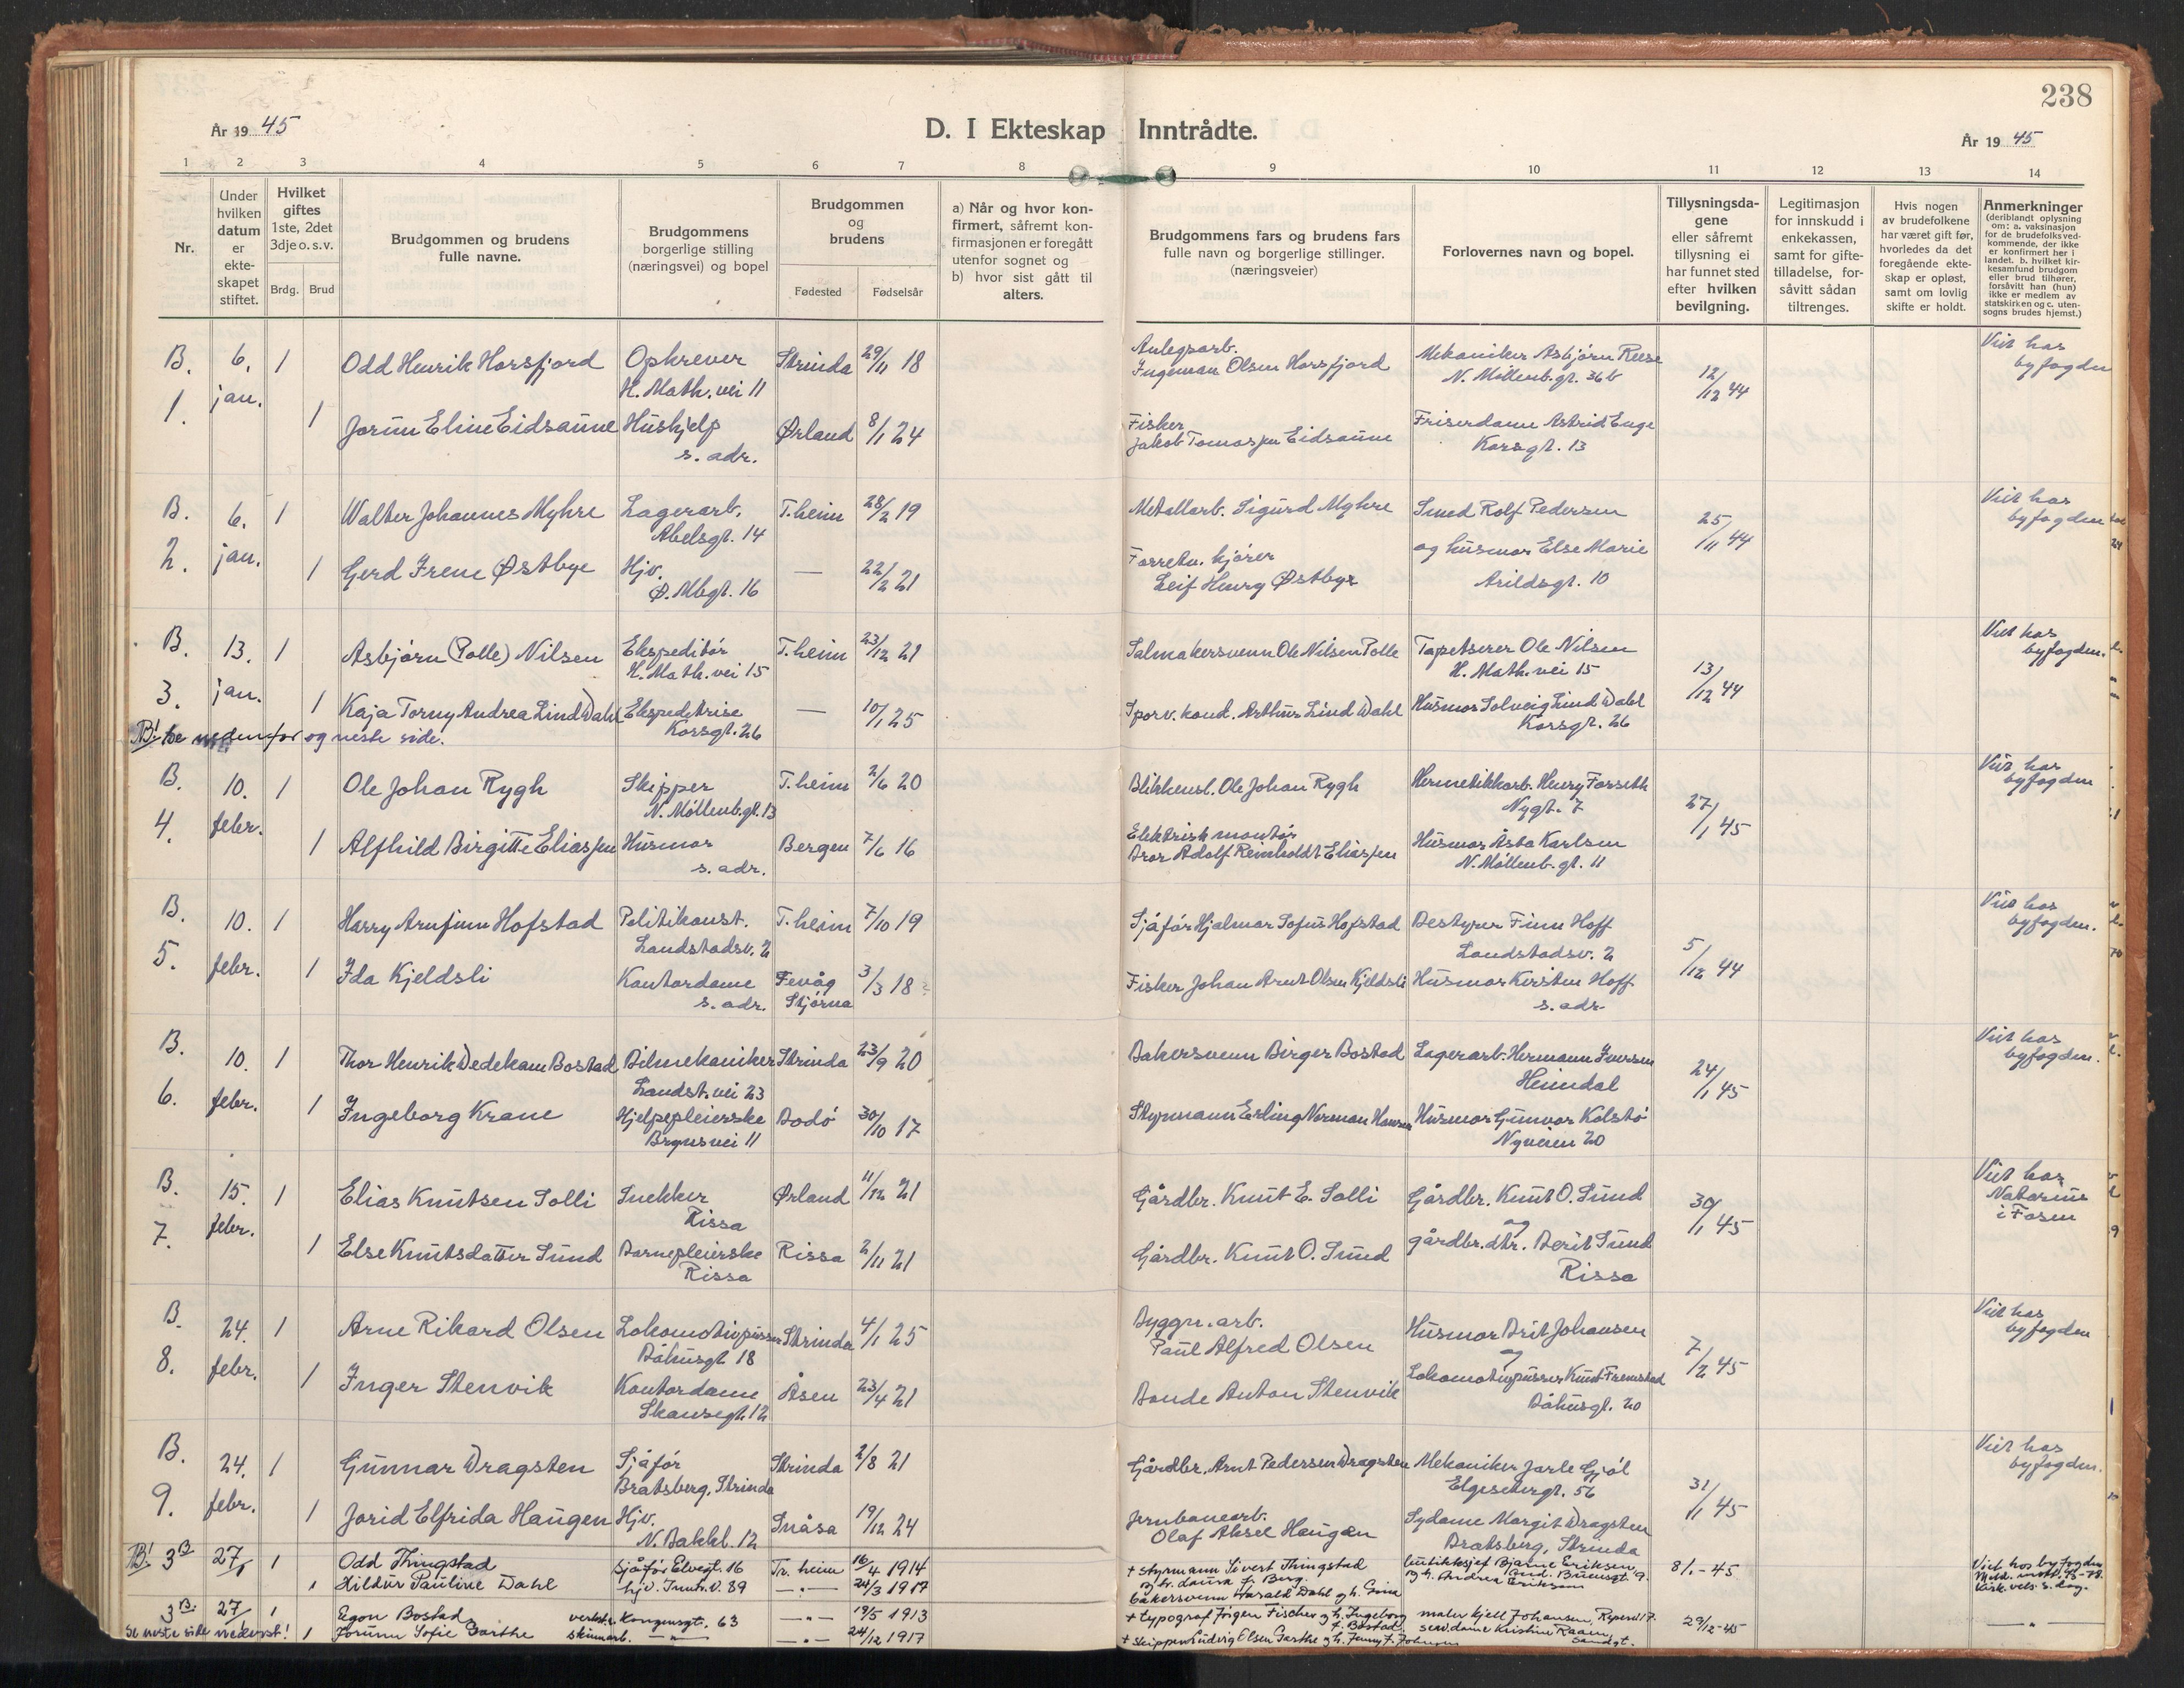 SAT, Ministerialprotokoller, klokkerbøker og fødselsregistre - Sør-Trøndelag, 604/L0209: Ministerialbok nr. 604A29, 1931-1945, s. 238